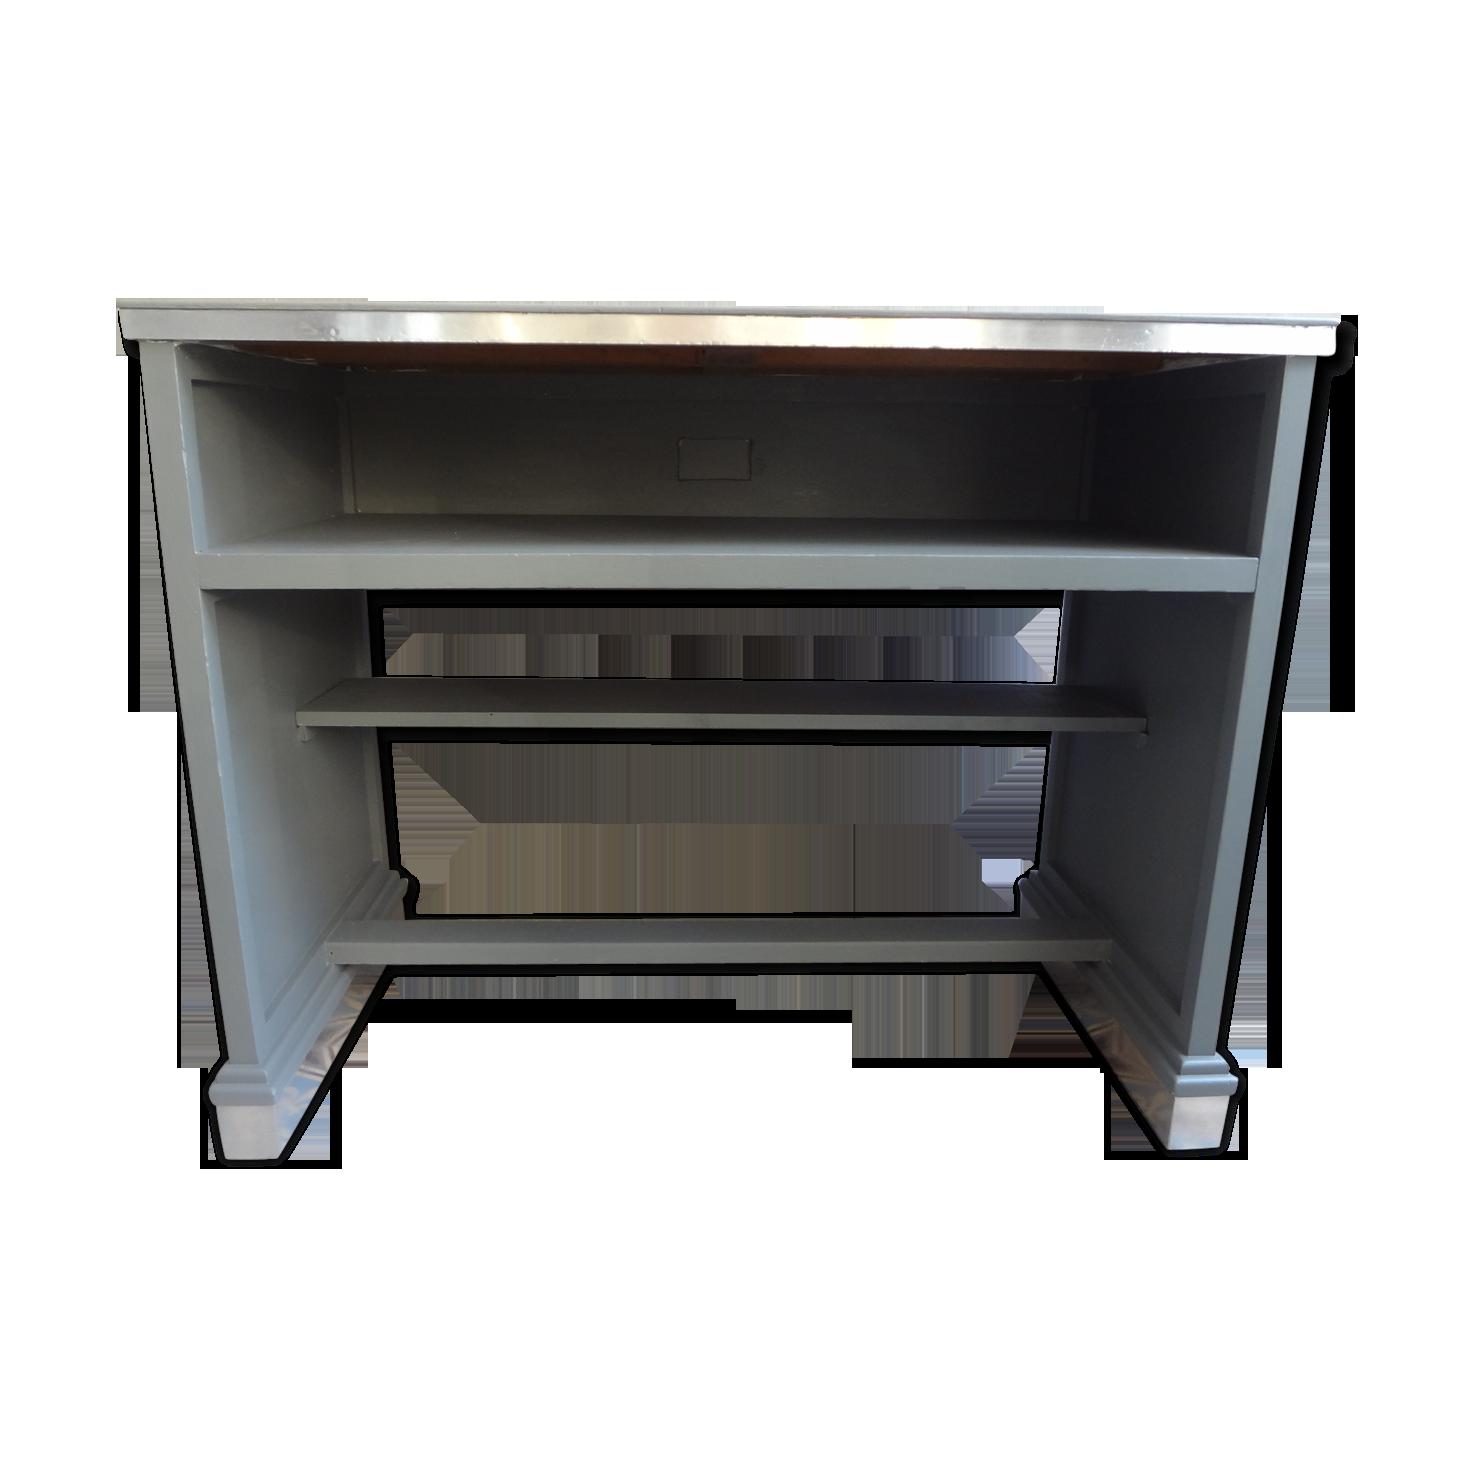 Bureau bois peint bois matériau gris vintage zd avvg